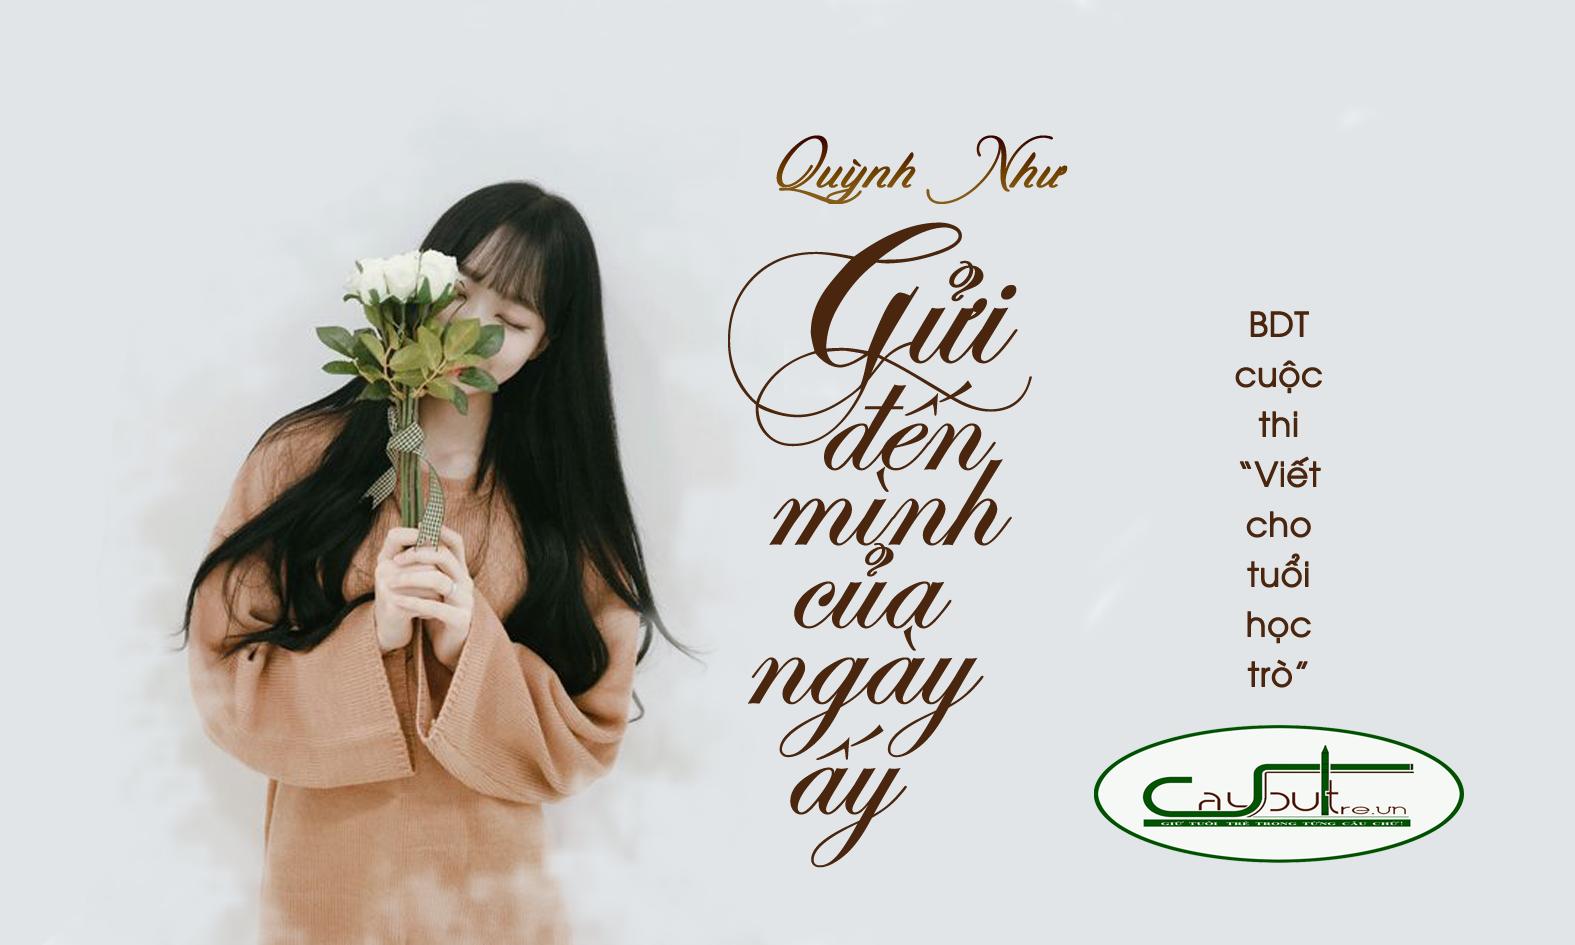 c25 - [Cuộc thi] Gửi đến mình của ngày ấy - Tác giả Quỳnh Như